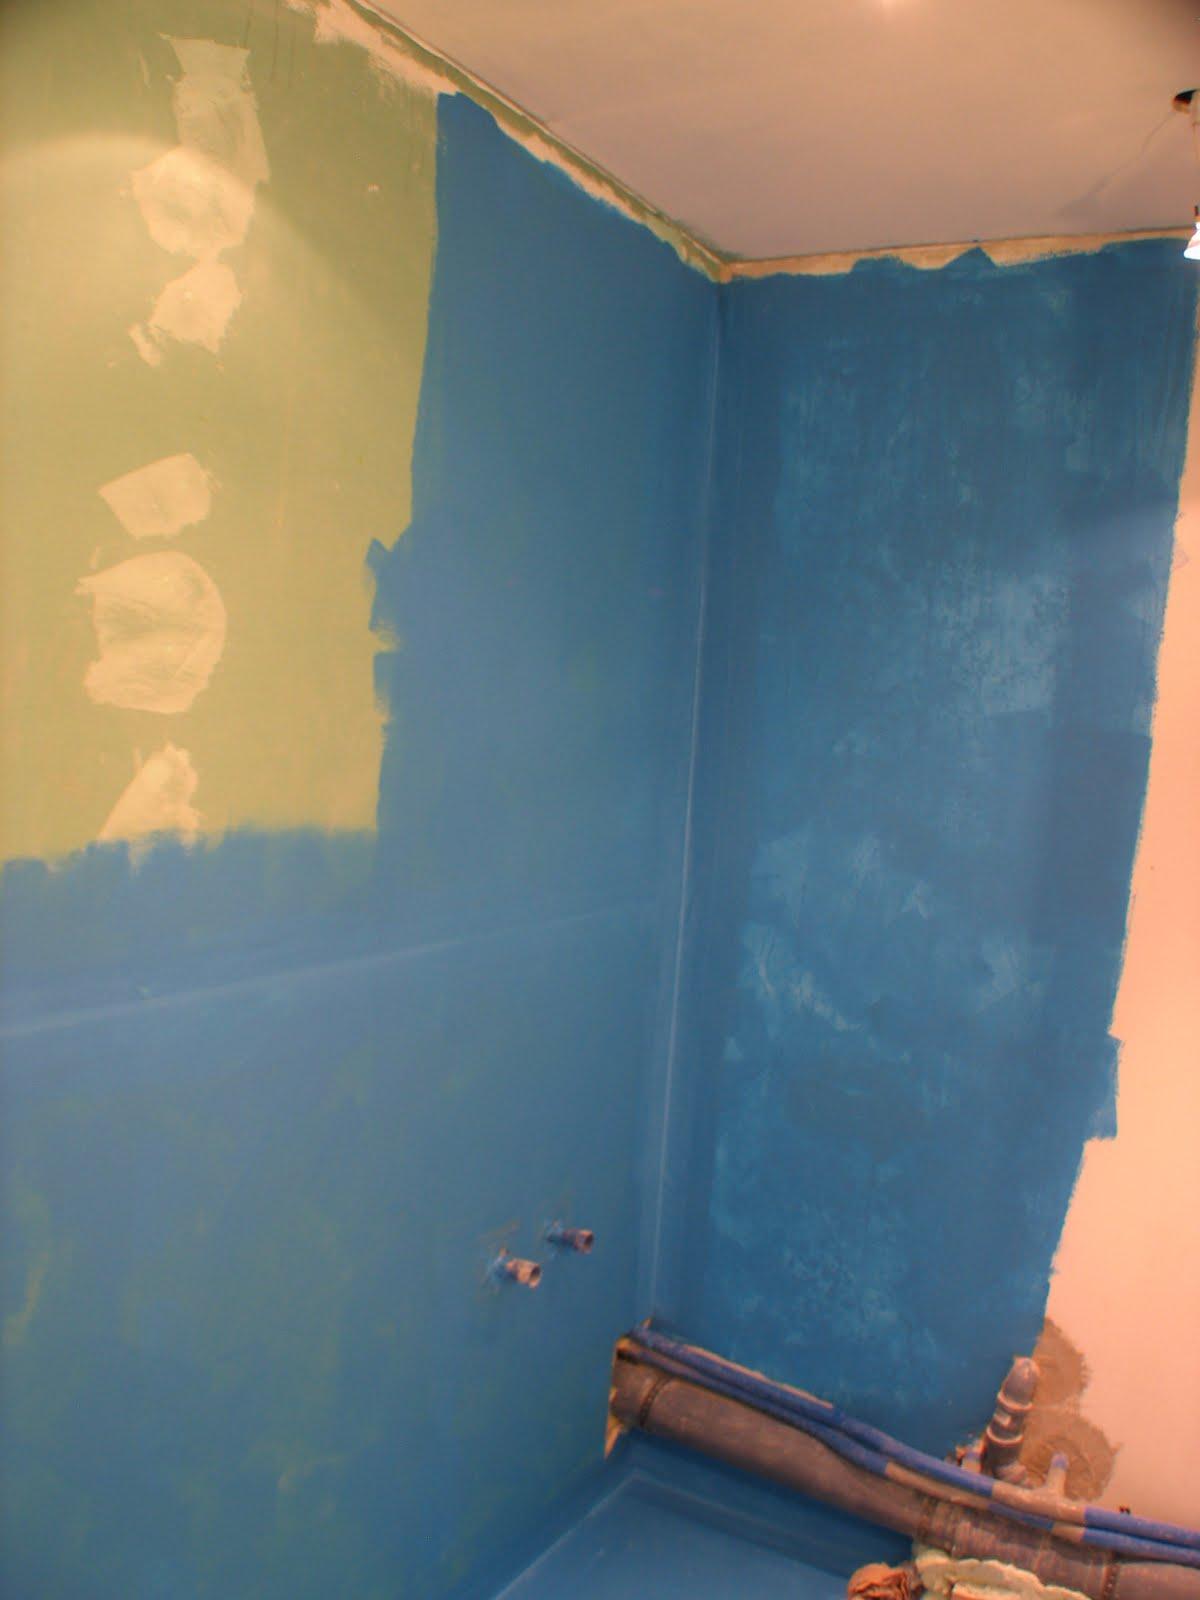 unterzug wohnzimmer:unterzug wohnzimmer : Thomas & Christine renovieren Badezimmer bekommt  ~ unterzug wohnzimmer